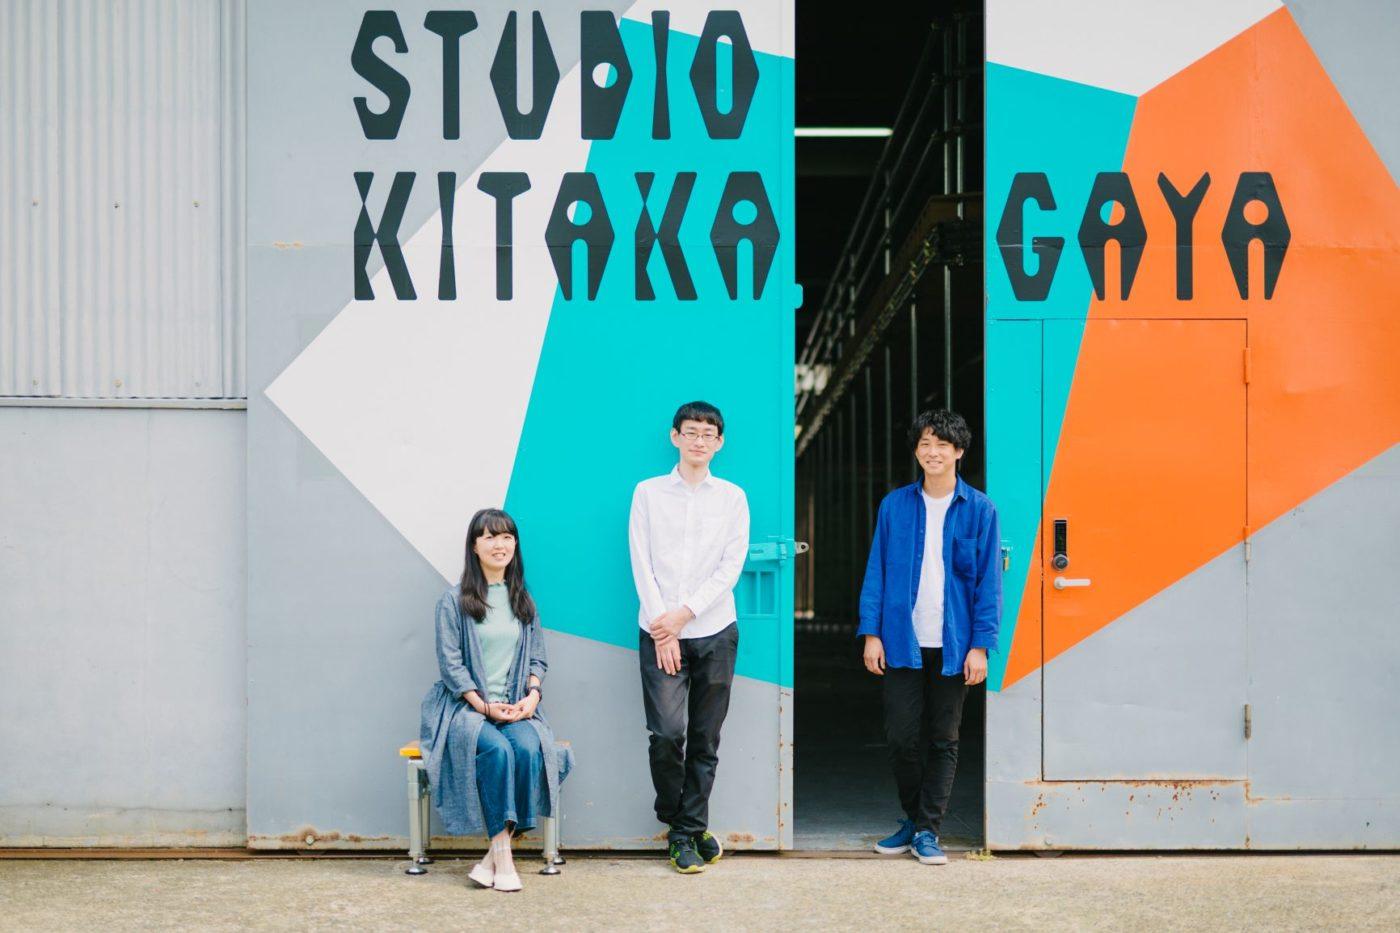 北加賀屋の新スタジオ内に、料理開拓人・堀田裕介プロデュースの「スースースナック」誕生。プレオープン企画はオンラインスナック